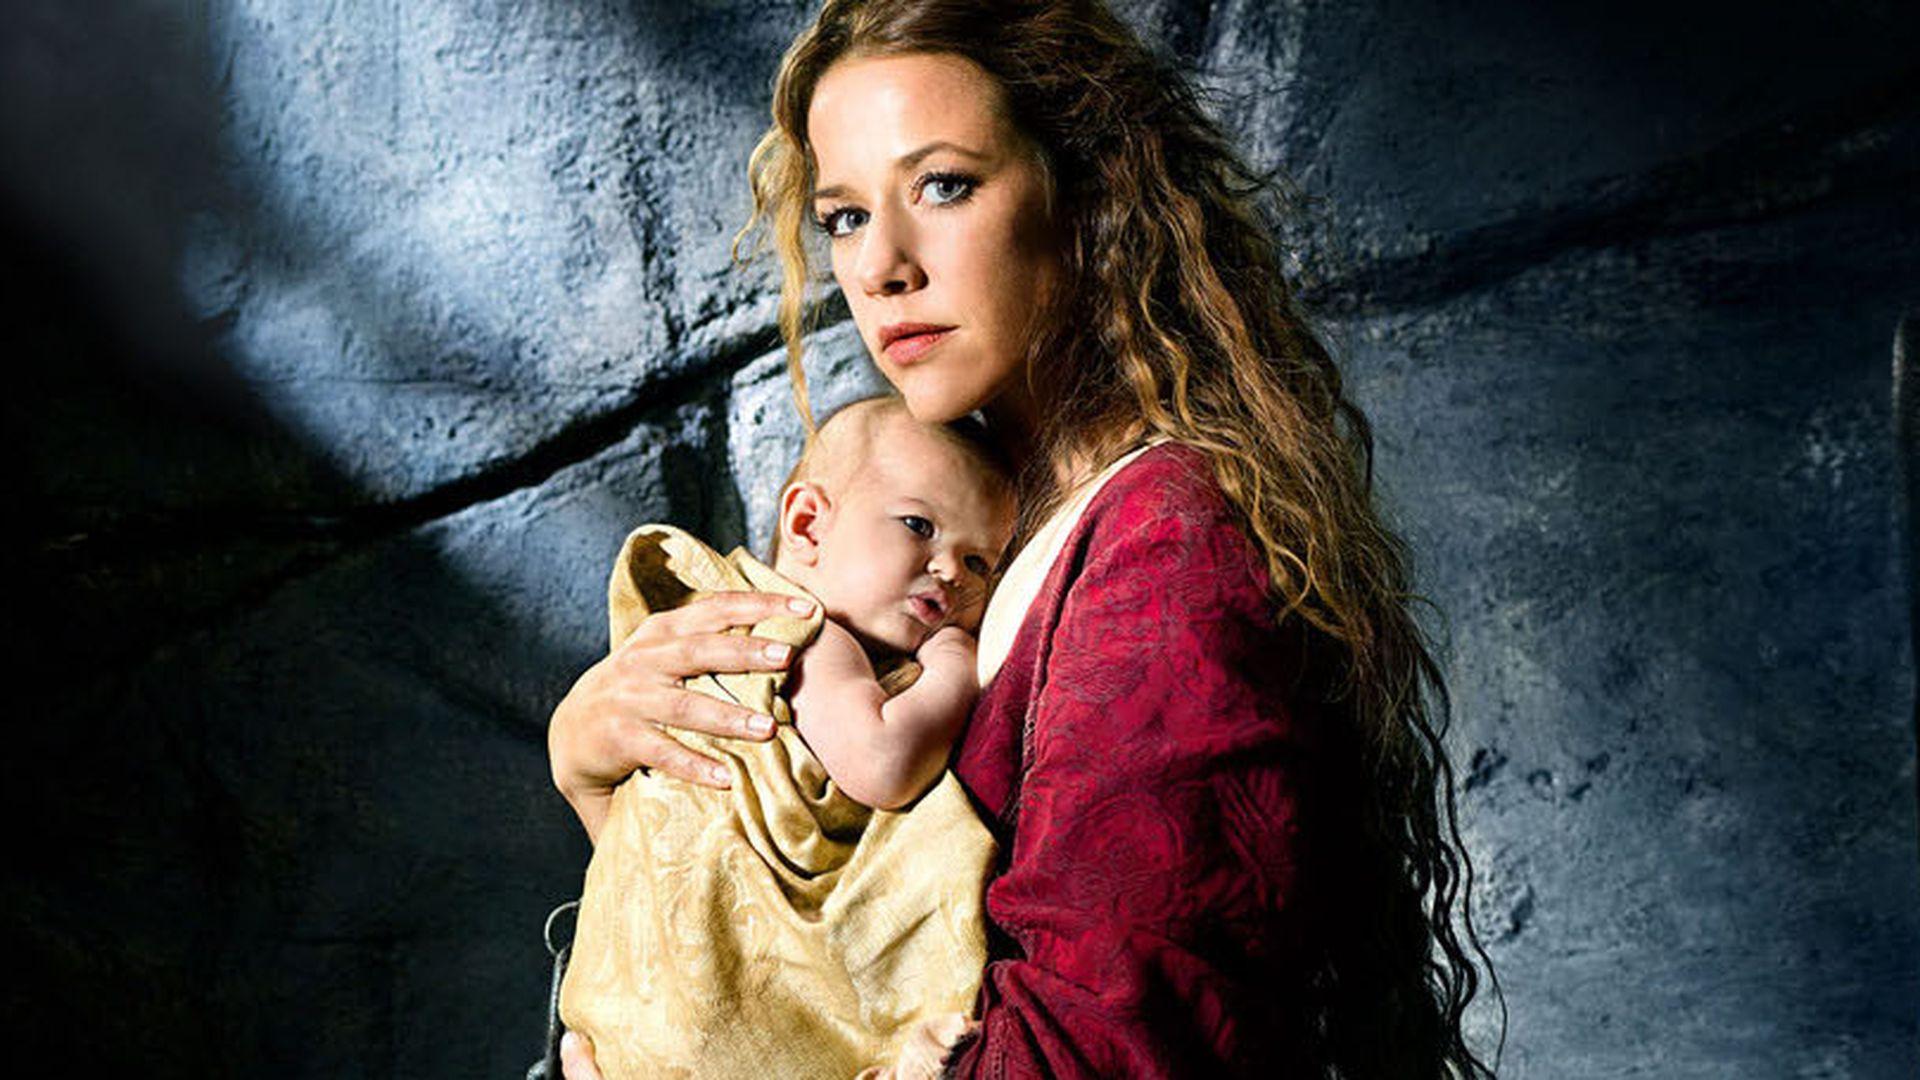 Alexandra Neldel Baby